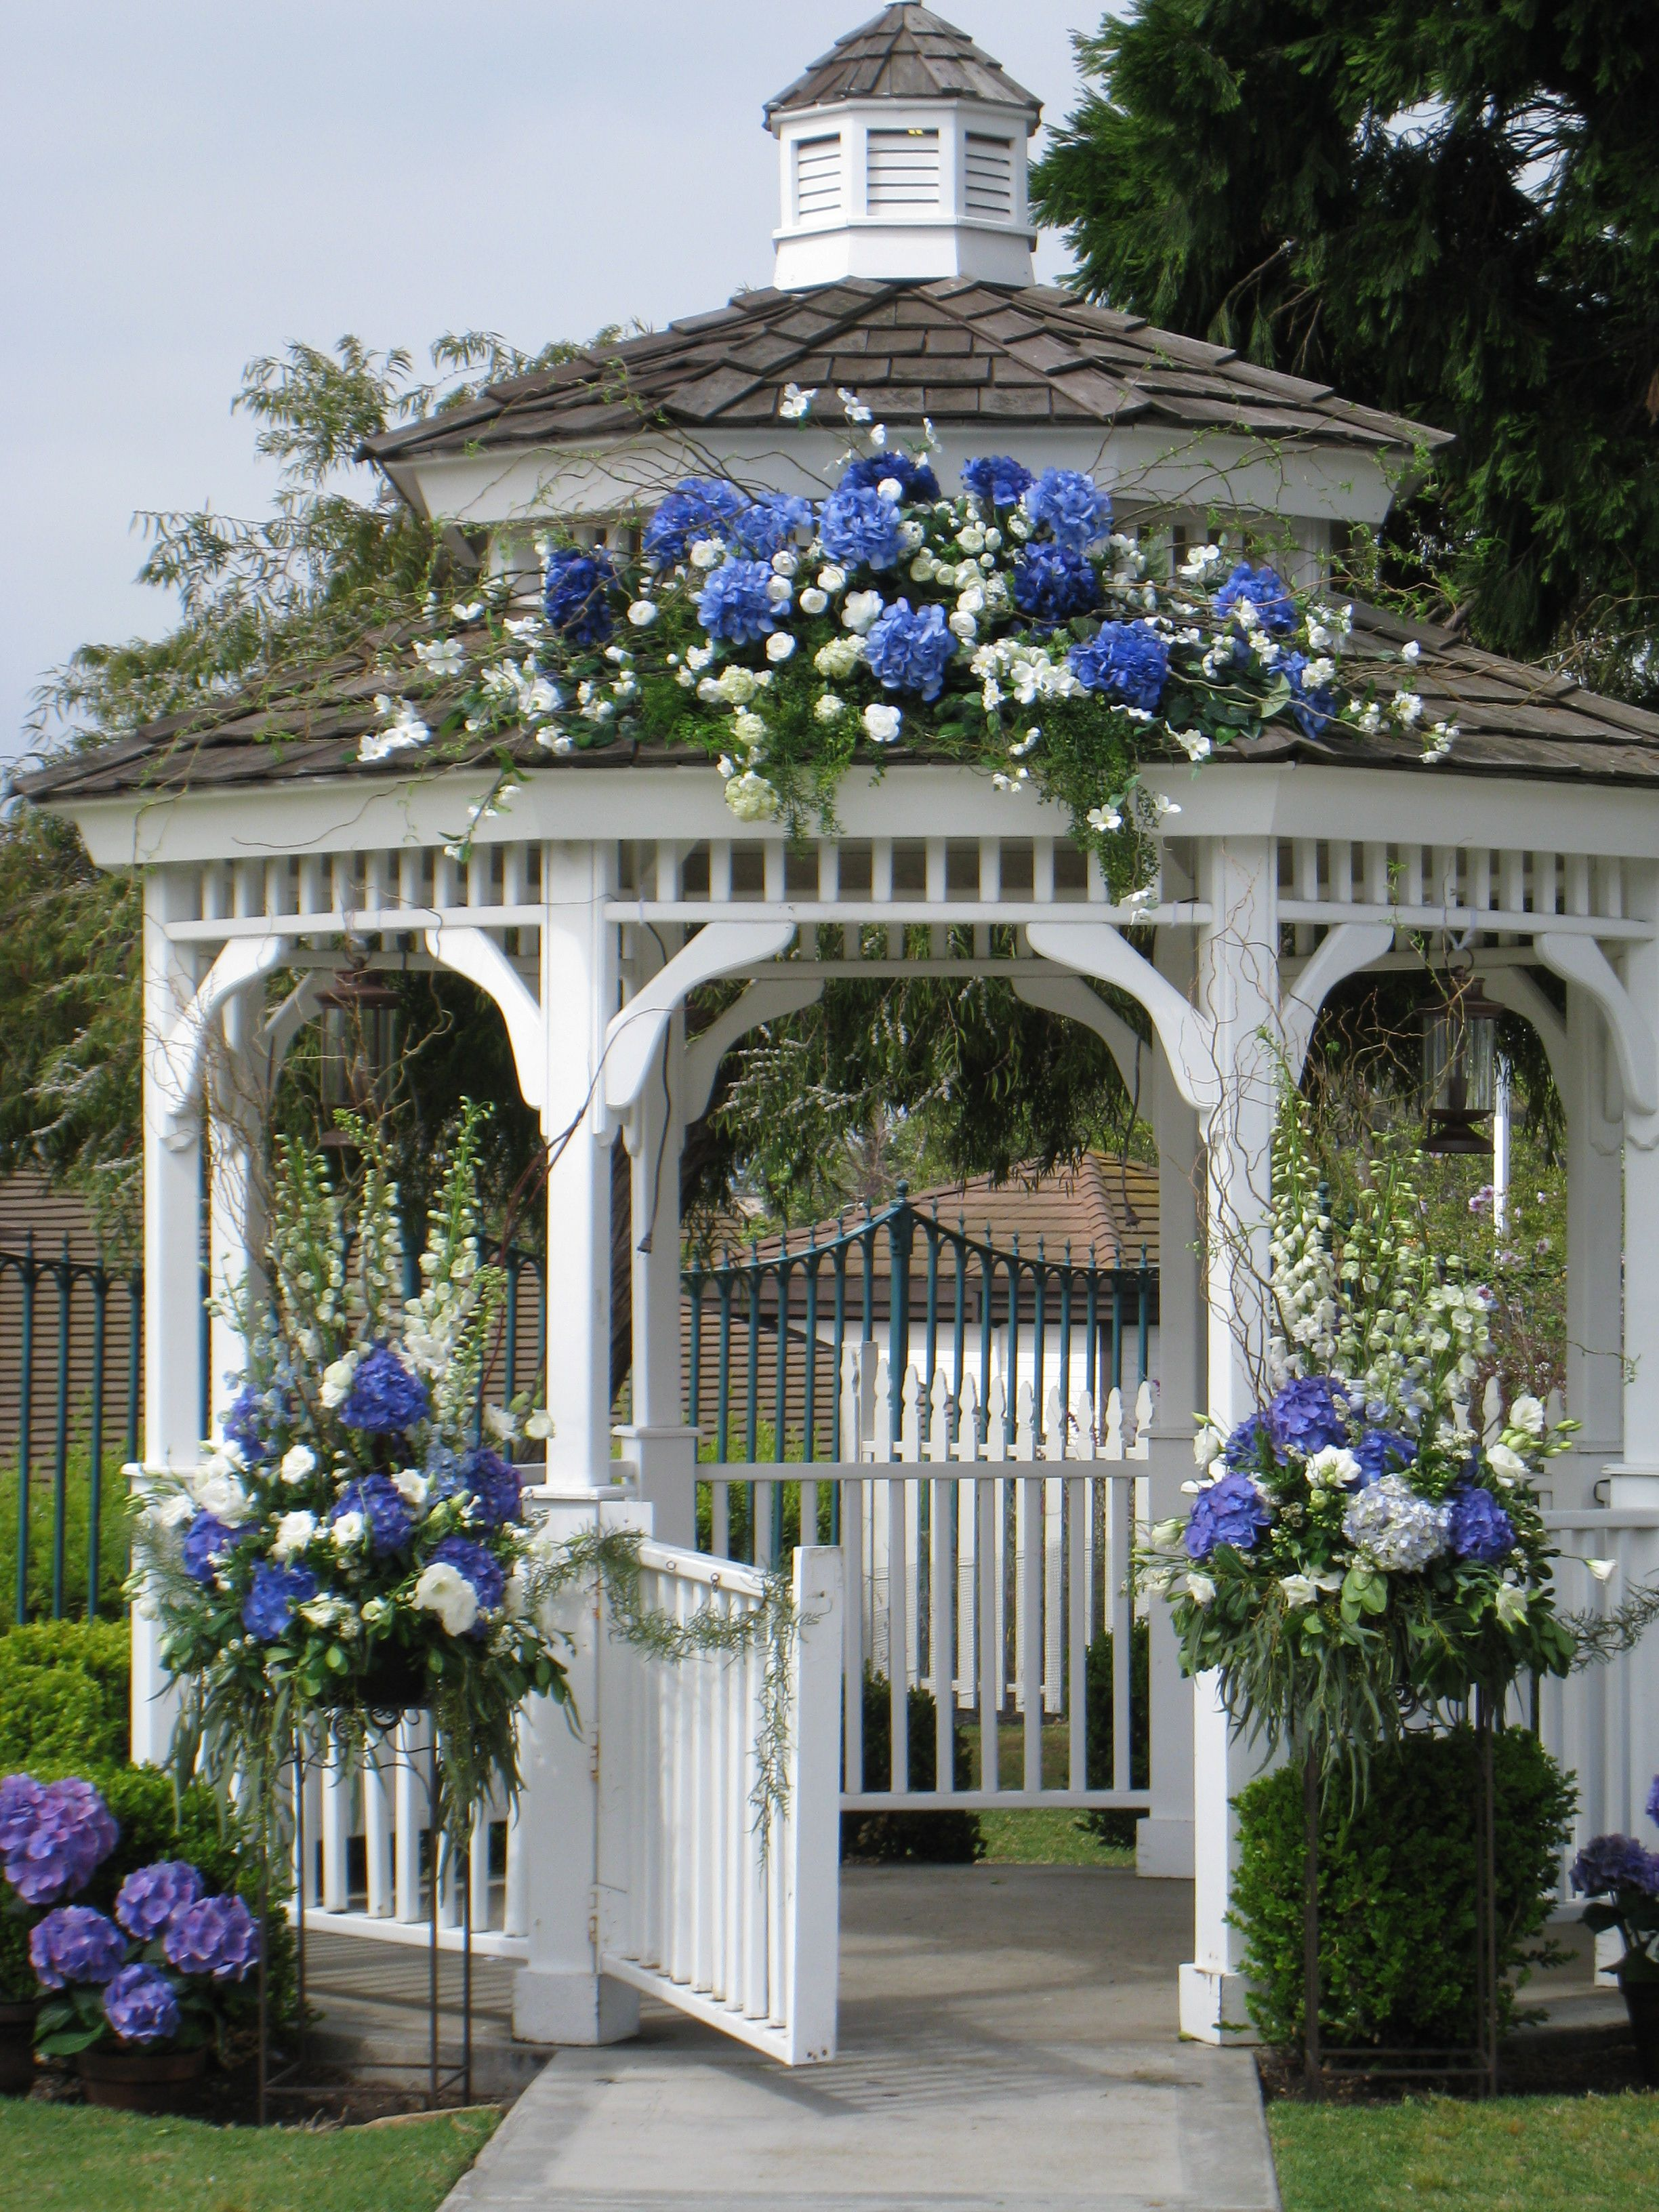 Outdoor Wedding Gazebo Decorating Ideas : Outside wedding gazebo floral design cake decorating